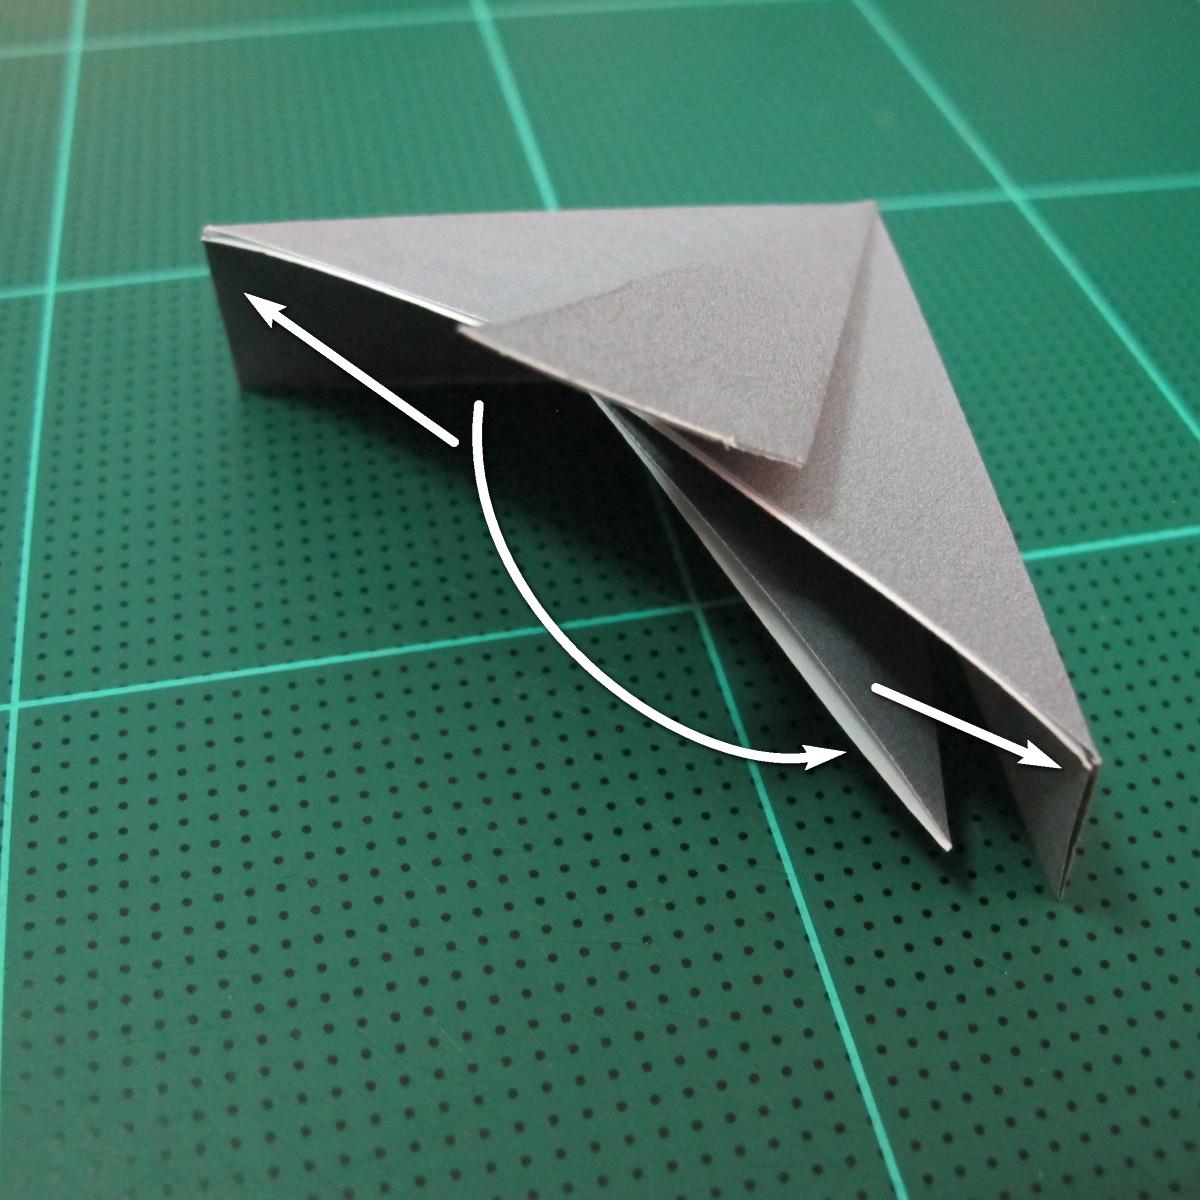 วิธีพับกล่องของขวัญแบบโมดูล่า (Modular Origami Decorative Box) โดย Tomoko Fuse 024